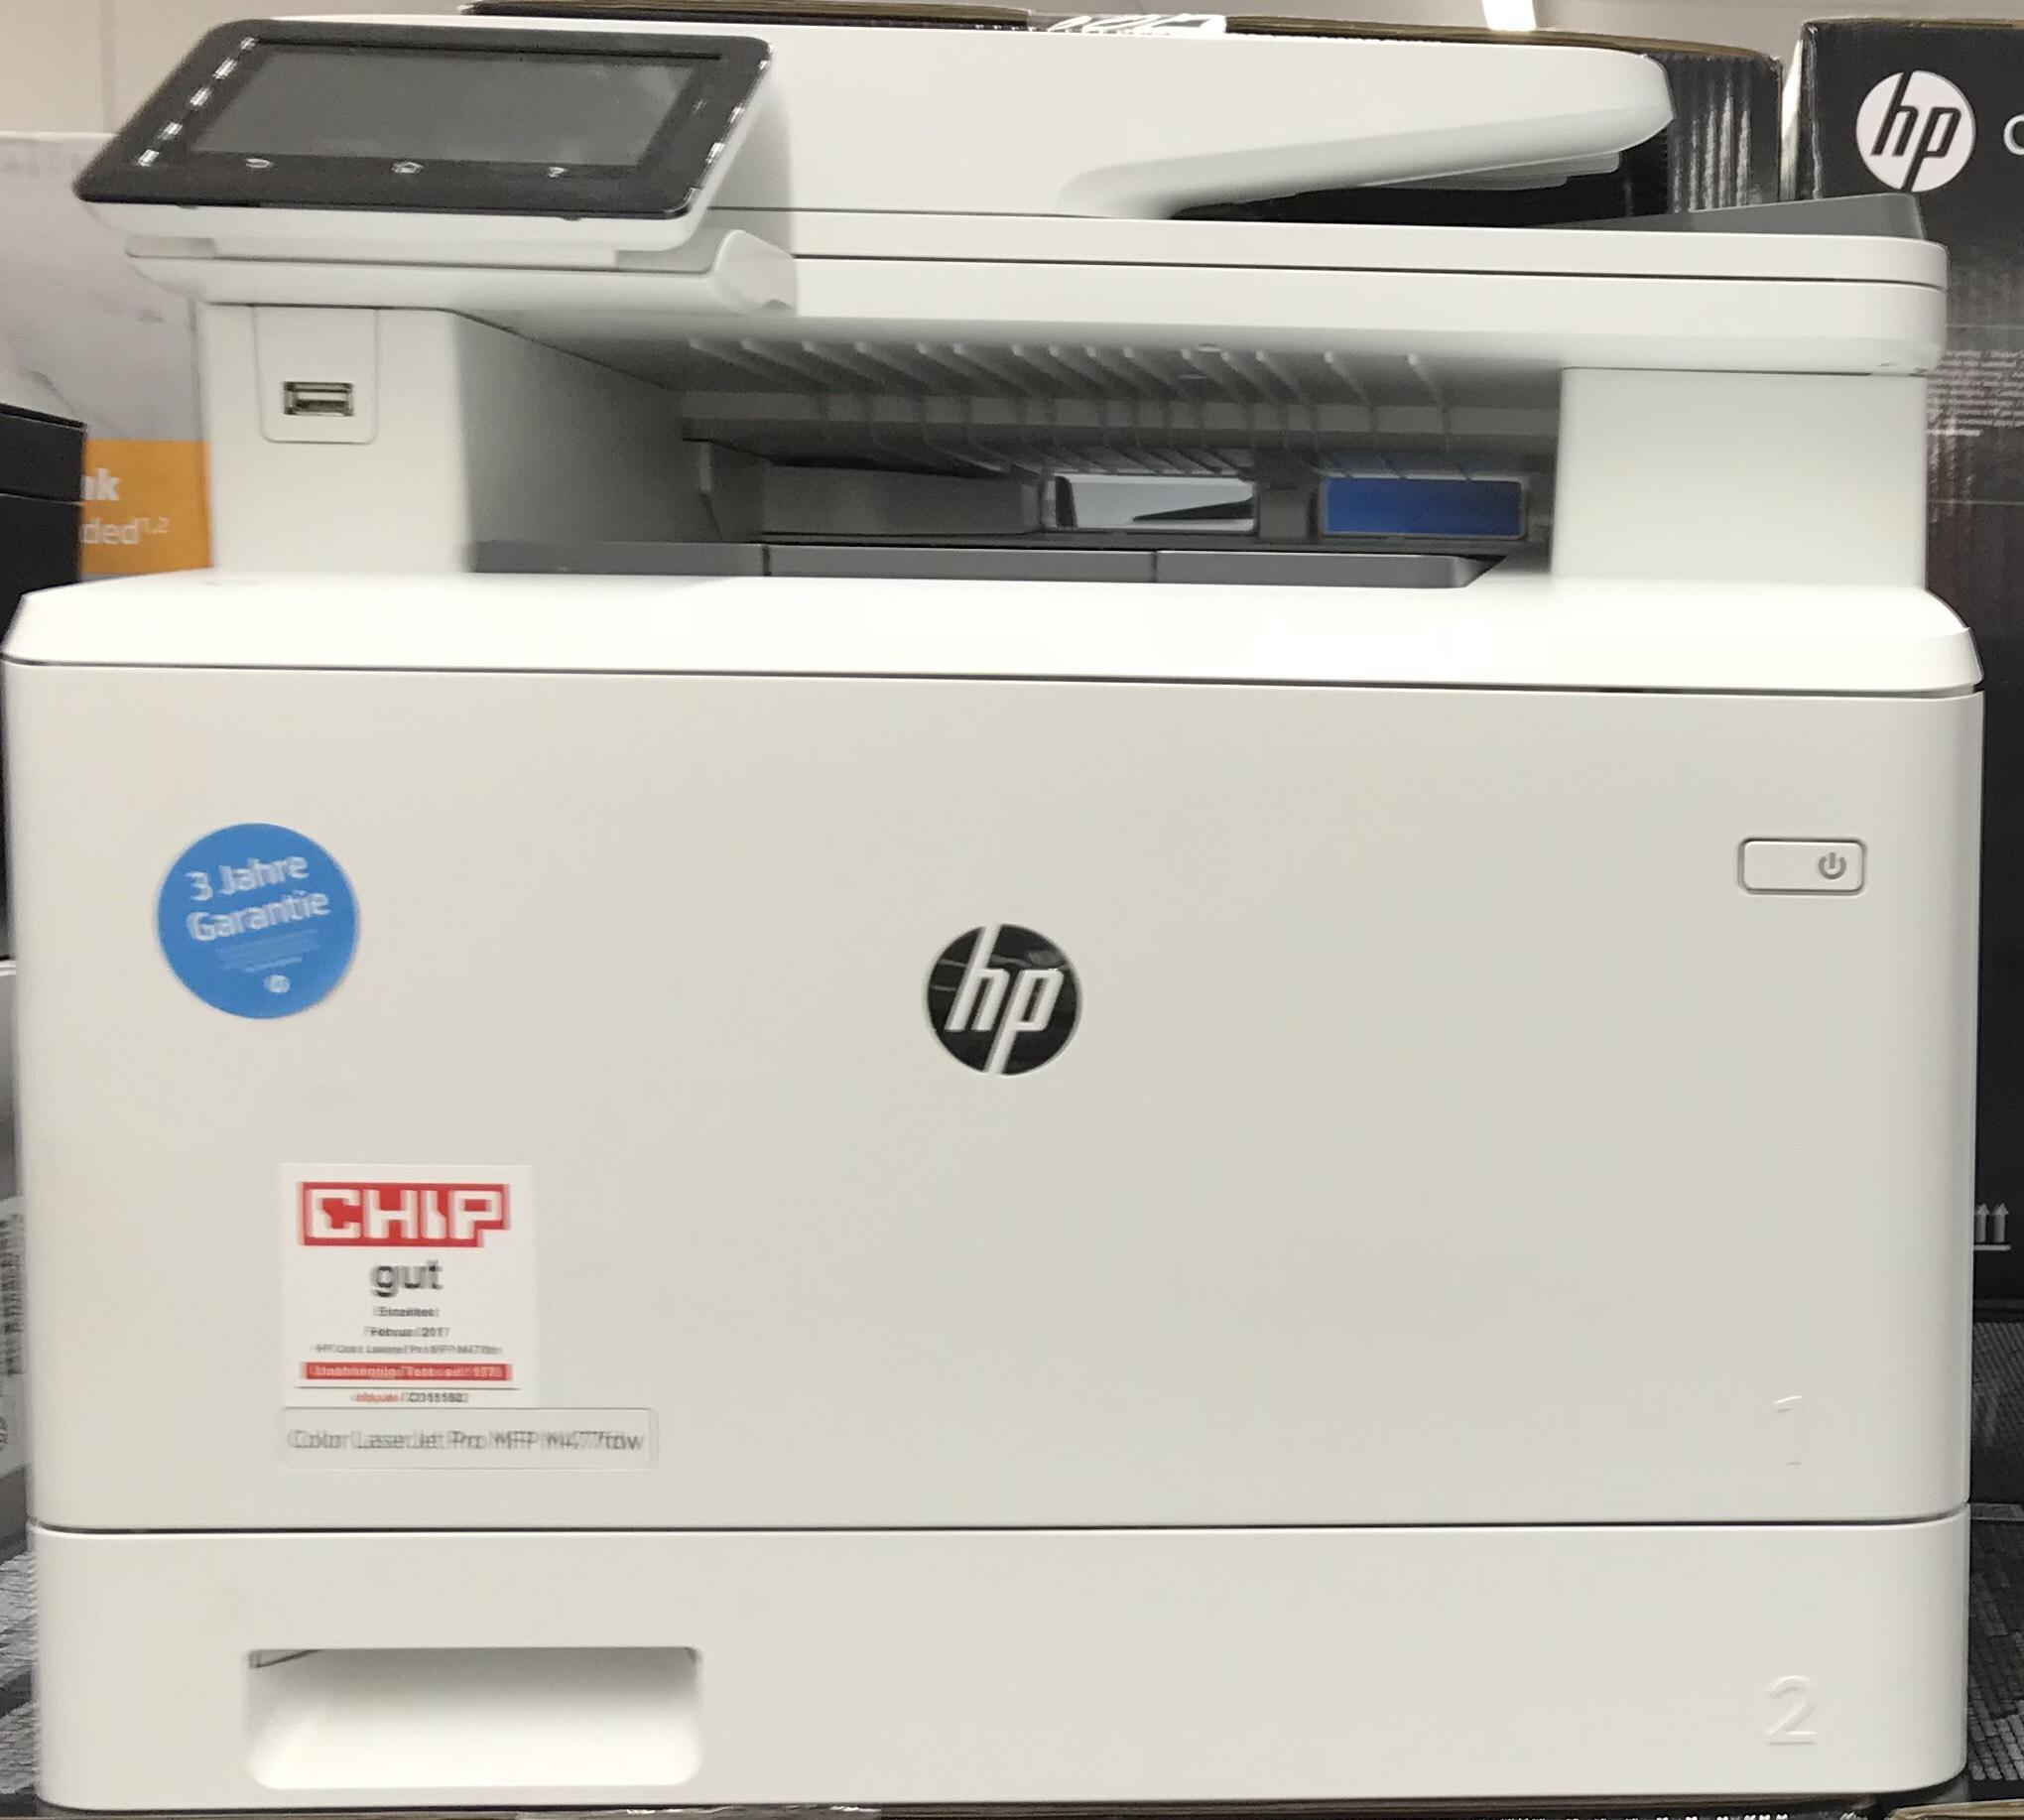 HP Color LaserJet Pro MFP 477fdw 4-in-1 Farblaser Multifunktionsdrucker [Media Markt Köln City eBay über App]